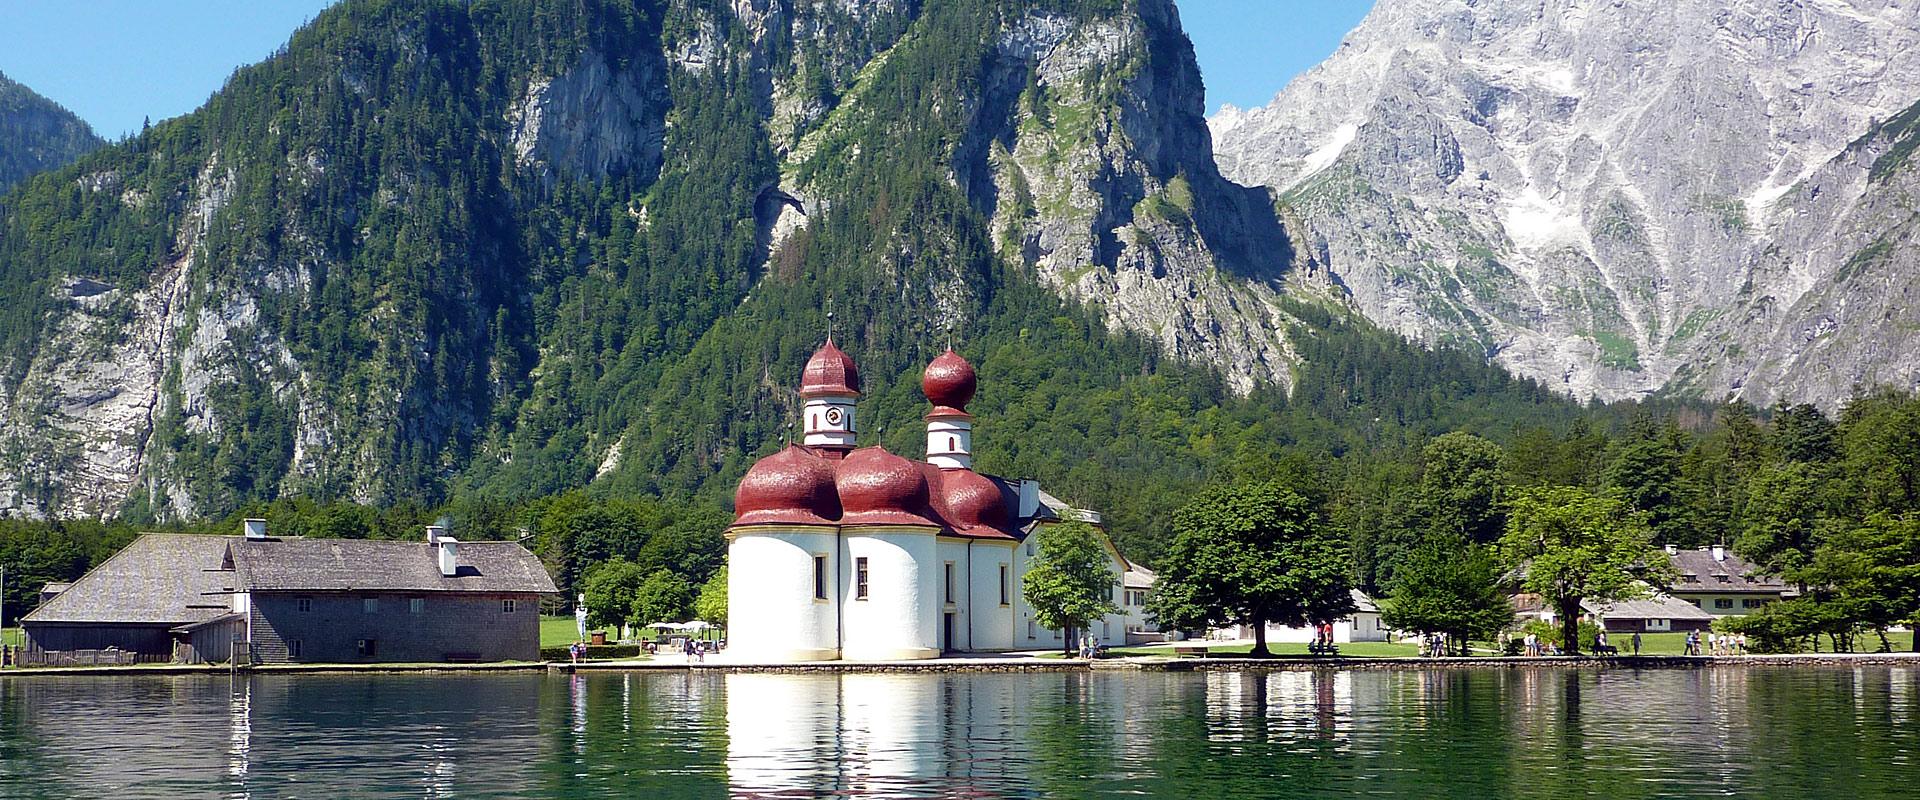 St. Bartholomä am Königsee